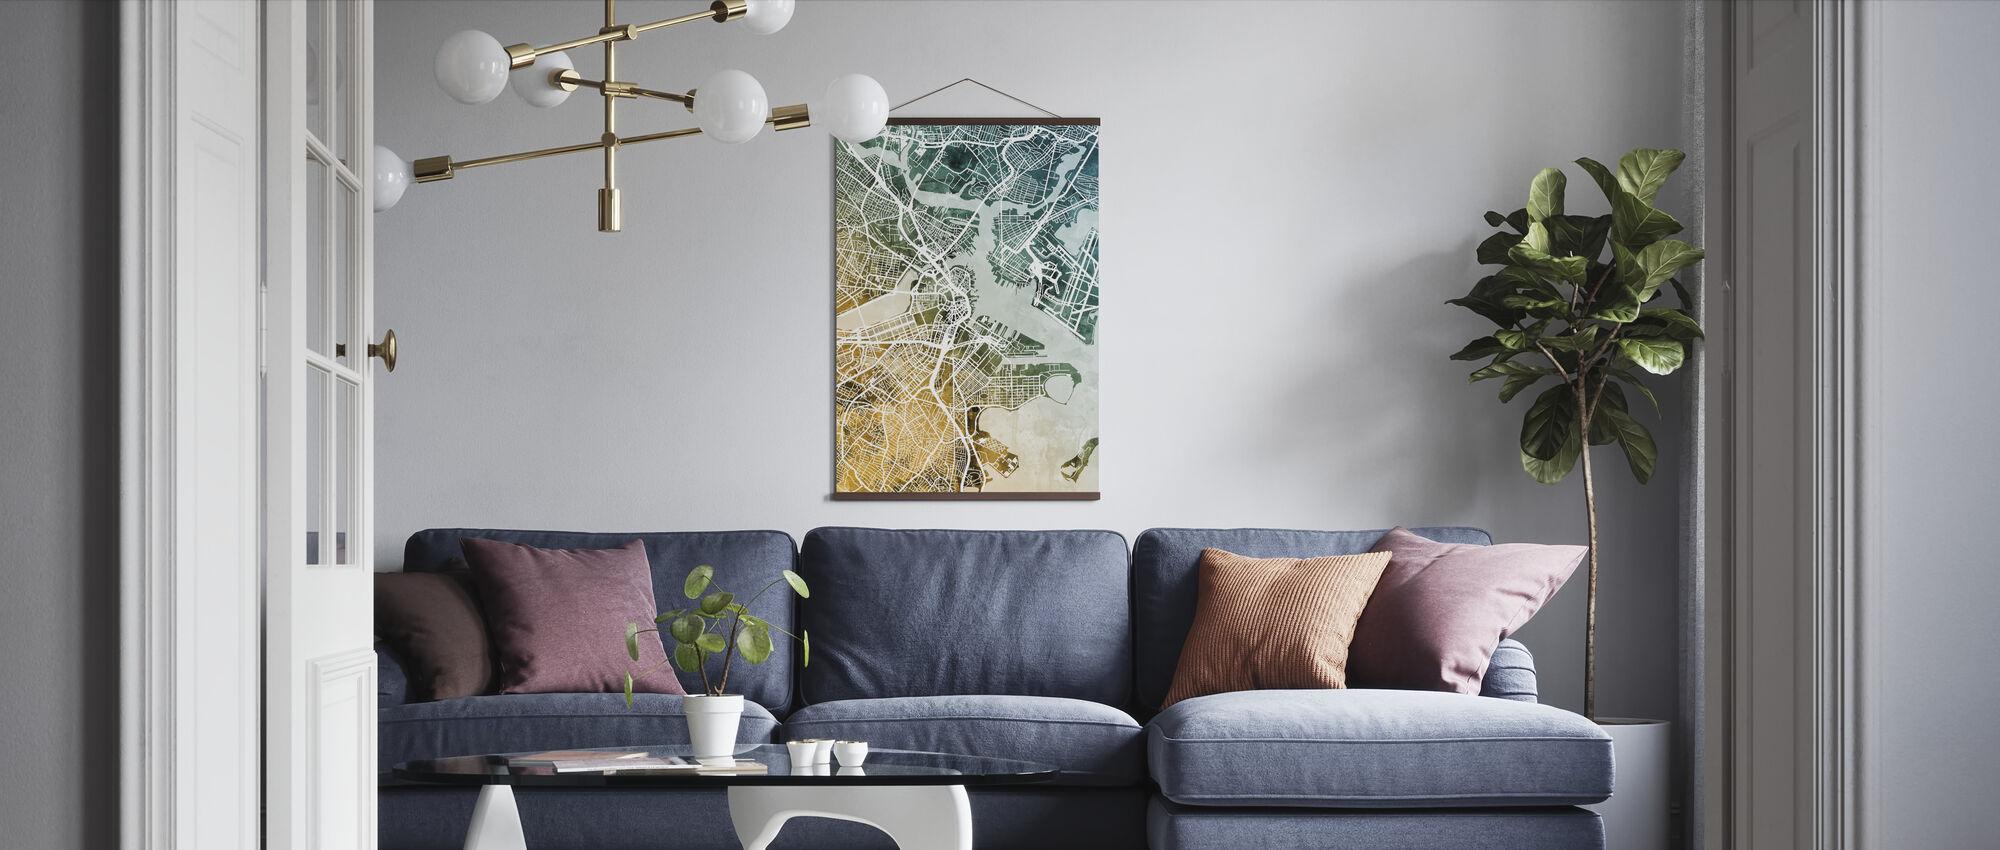 Boston Massachusetts Street Map - Poster - Living Room